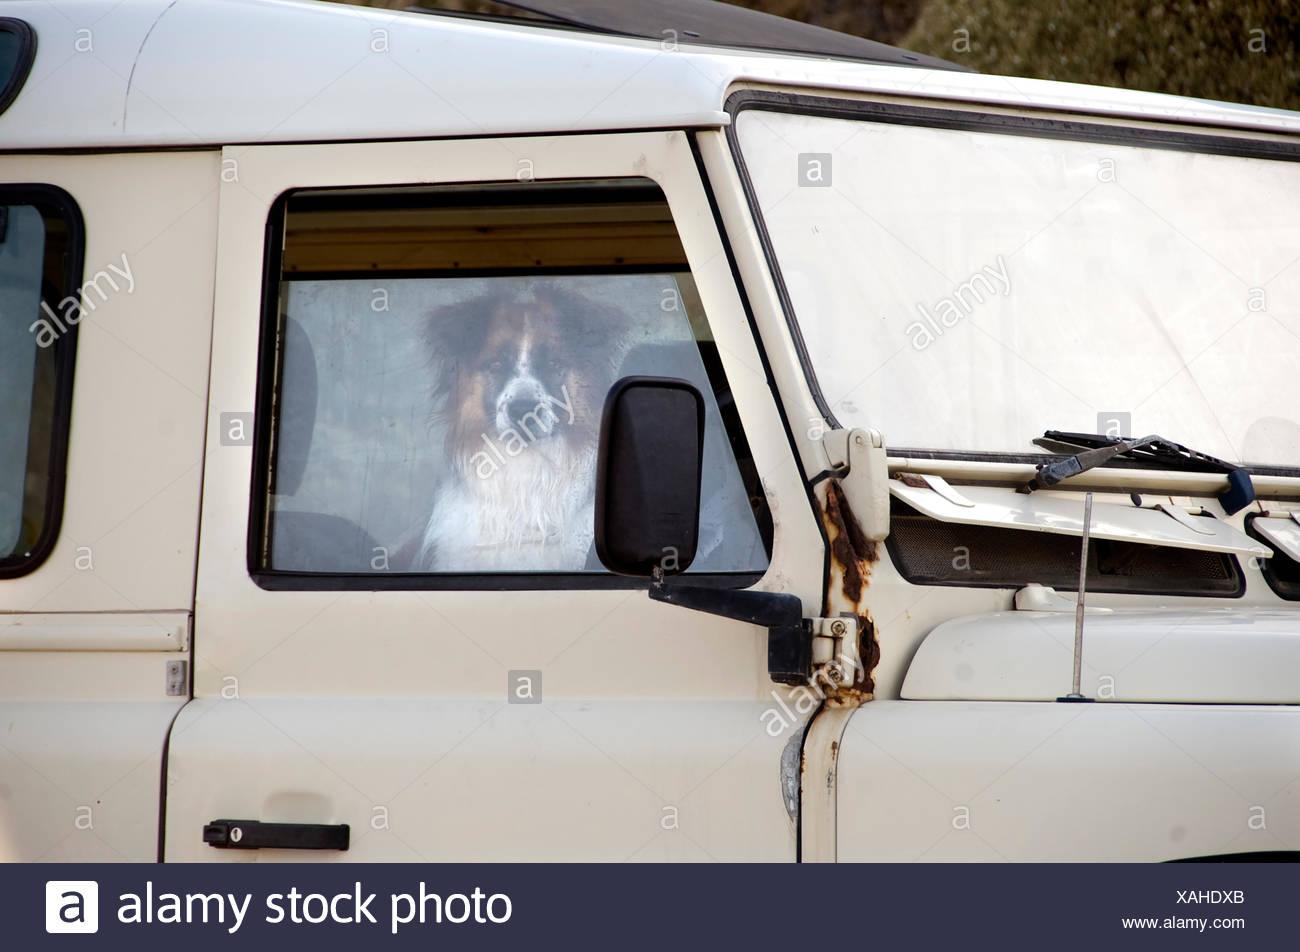 Chien Assis Dans La Camionnette Blanche à La Fenêtre De